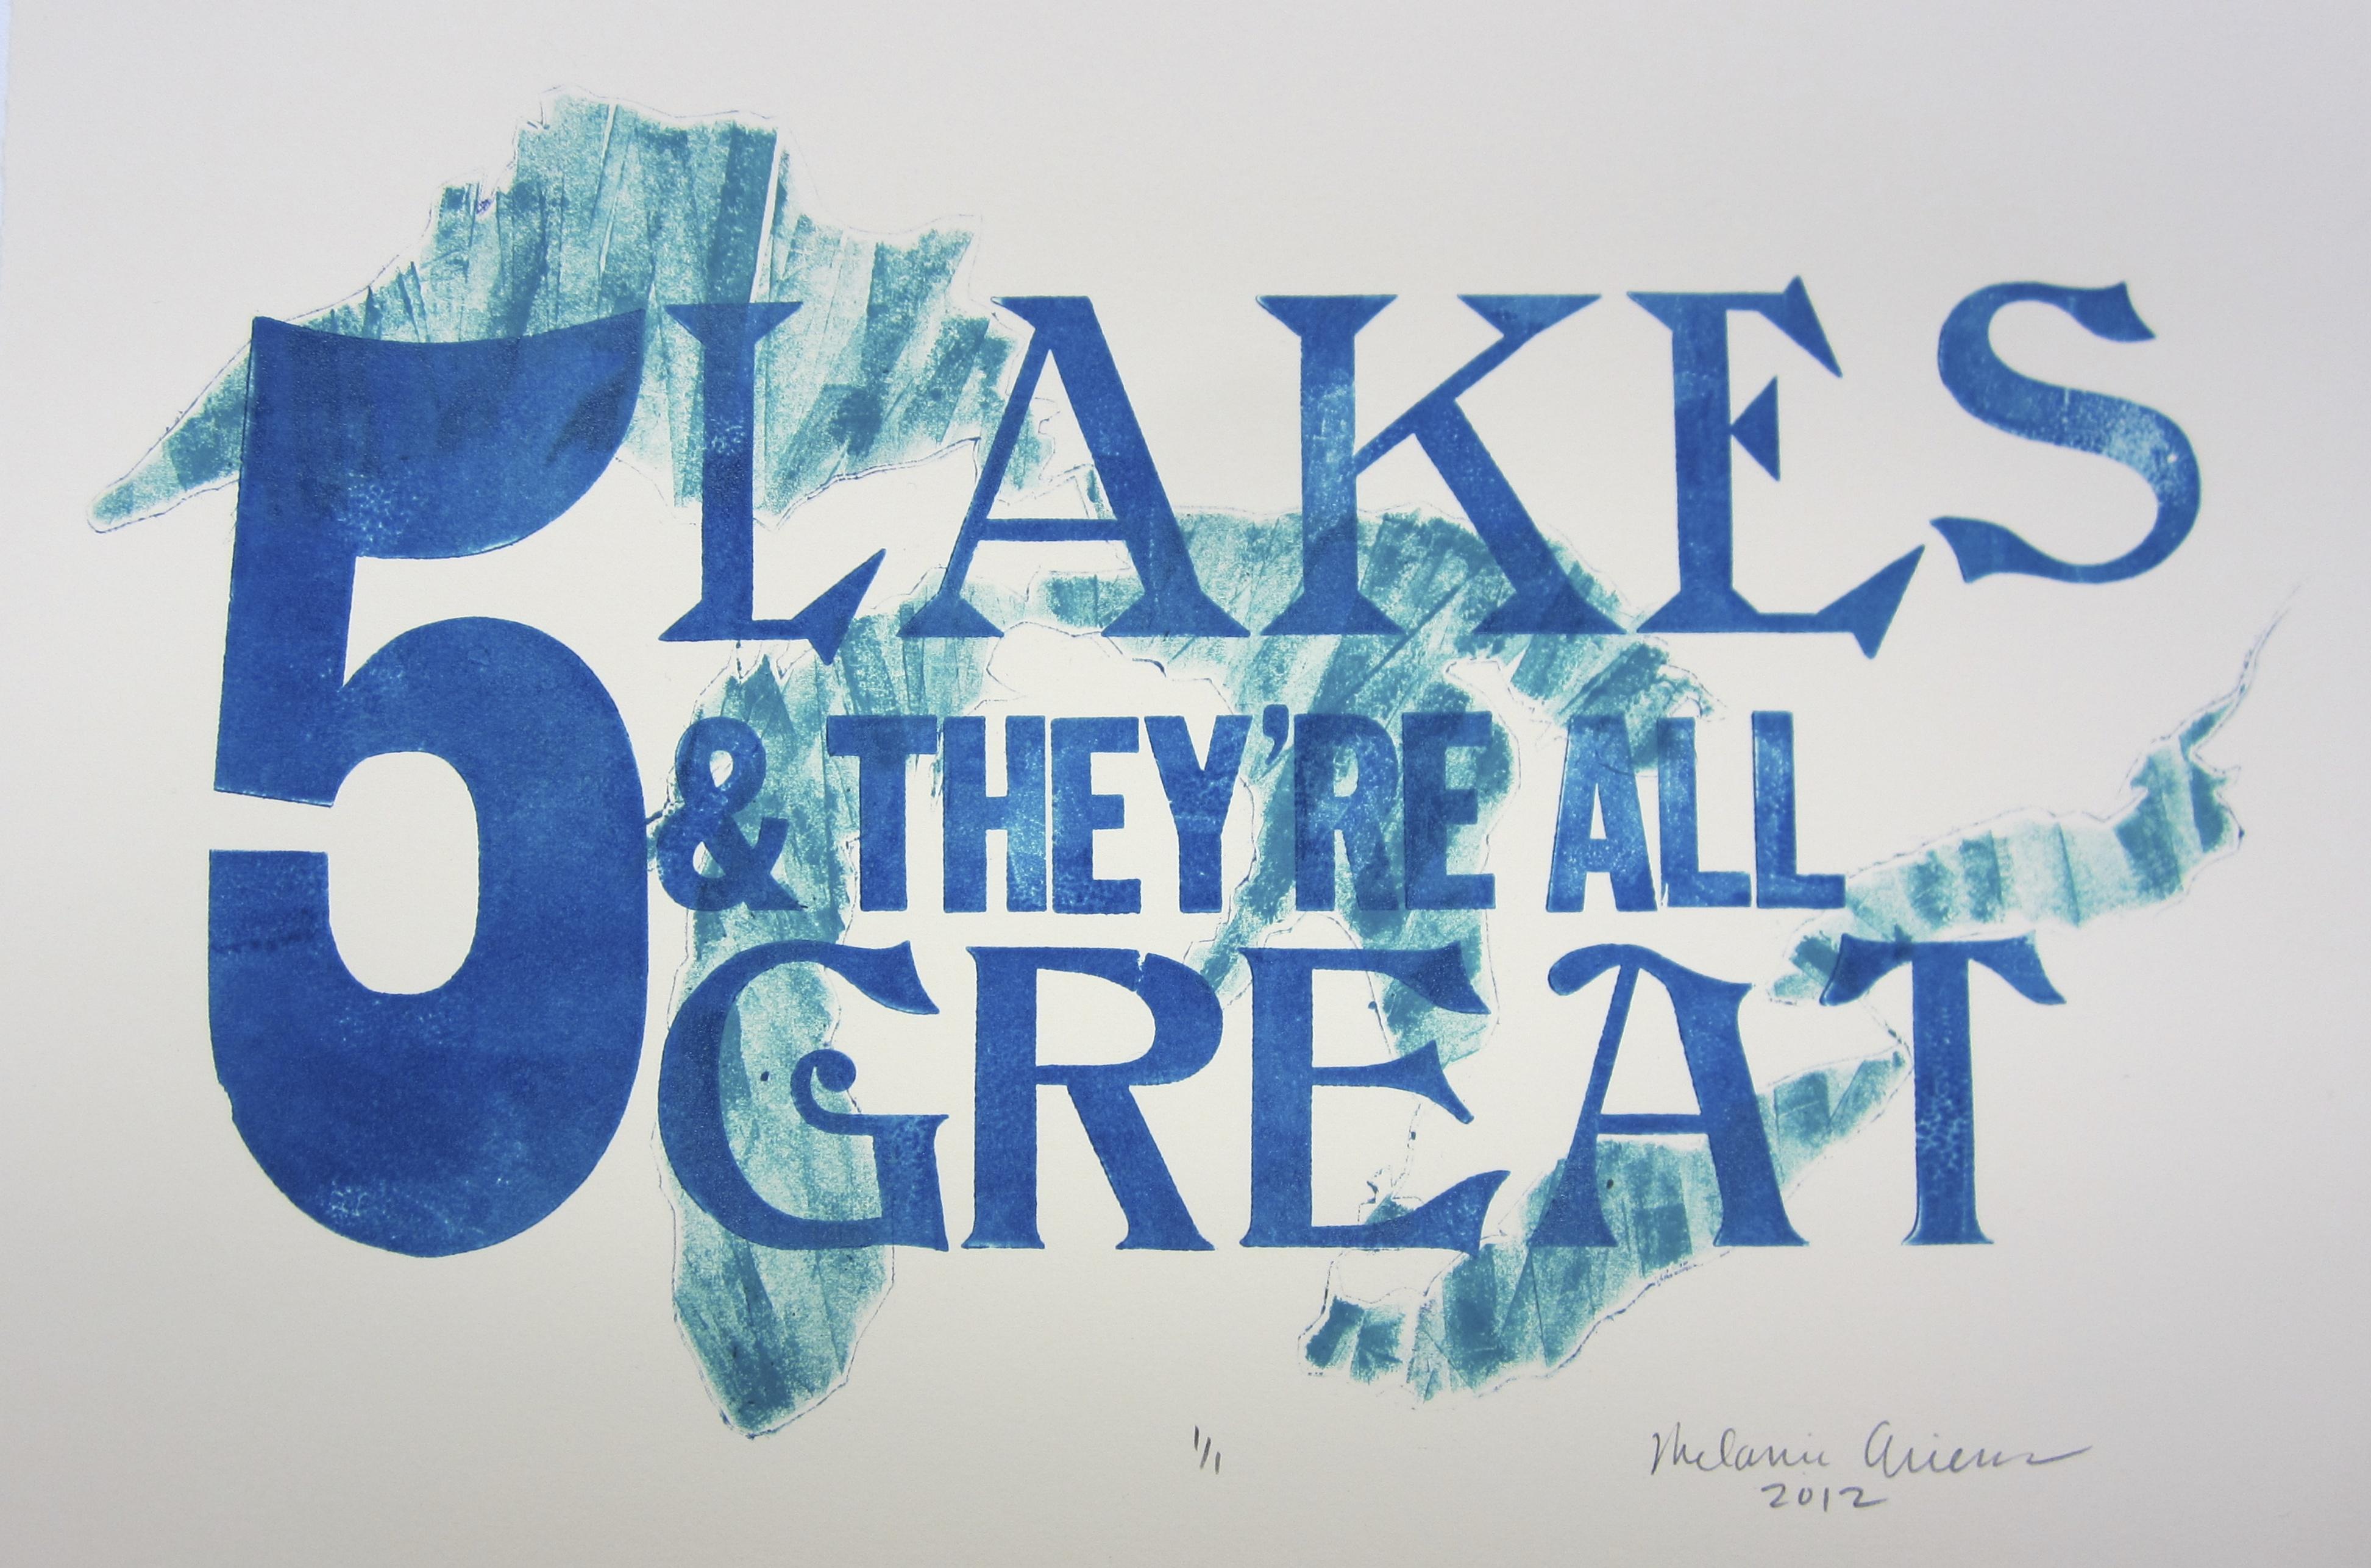 5 Lakes